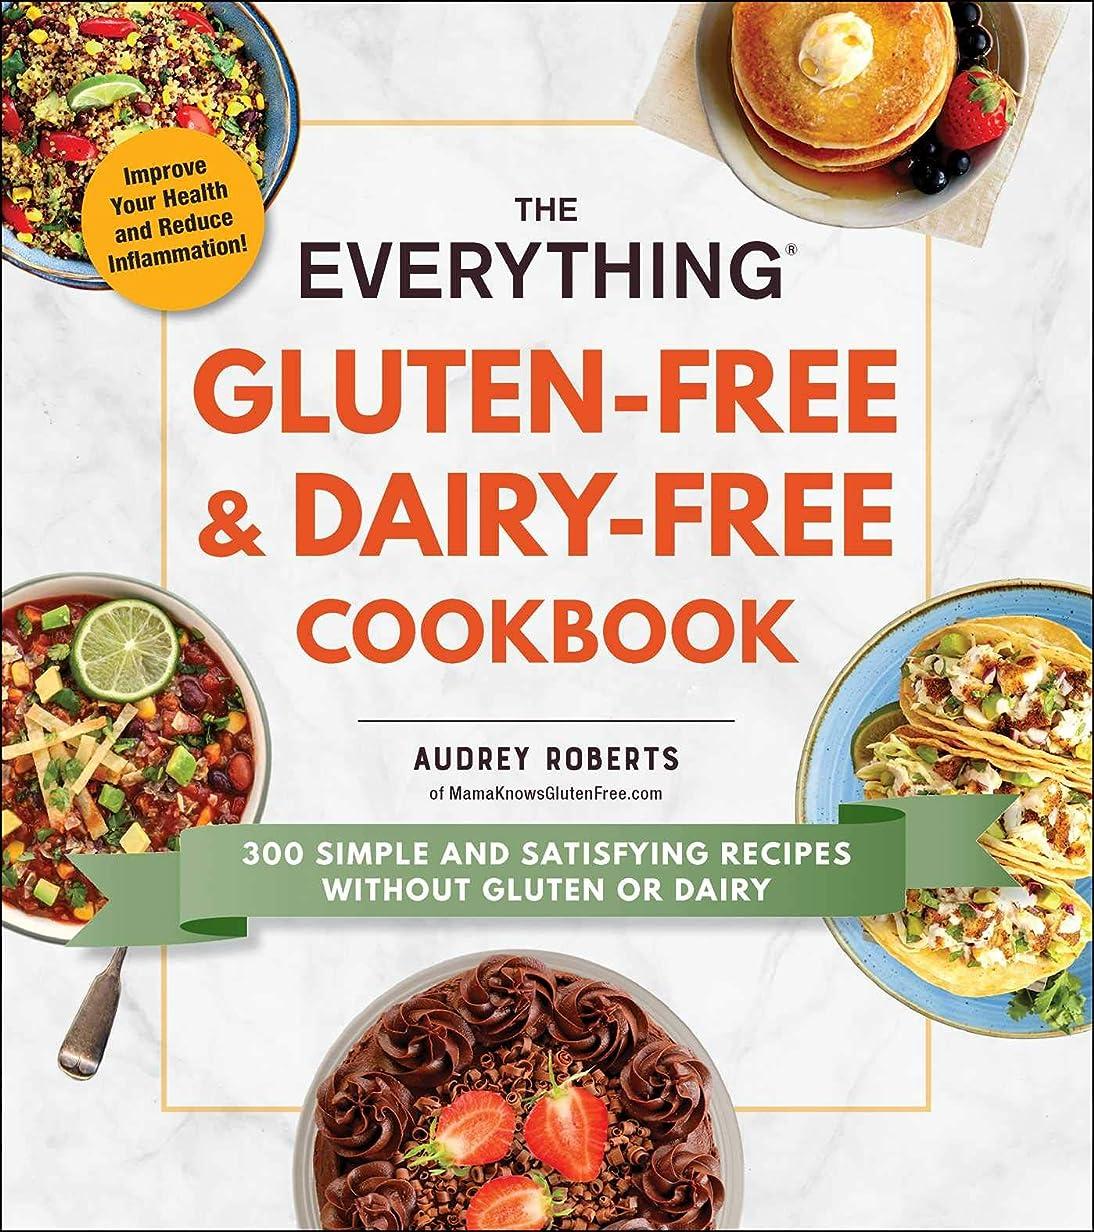 さておきシングルカウントアップThe Everything Gluten-Free & Dairy-Free Cookbook: 300 simple and satisfying recipes without gluten or dairy (Everything?) (English Edition)